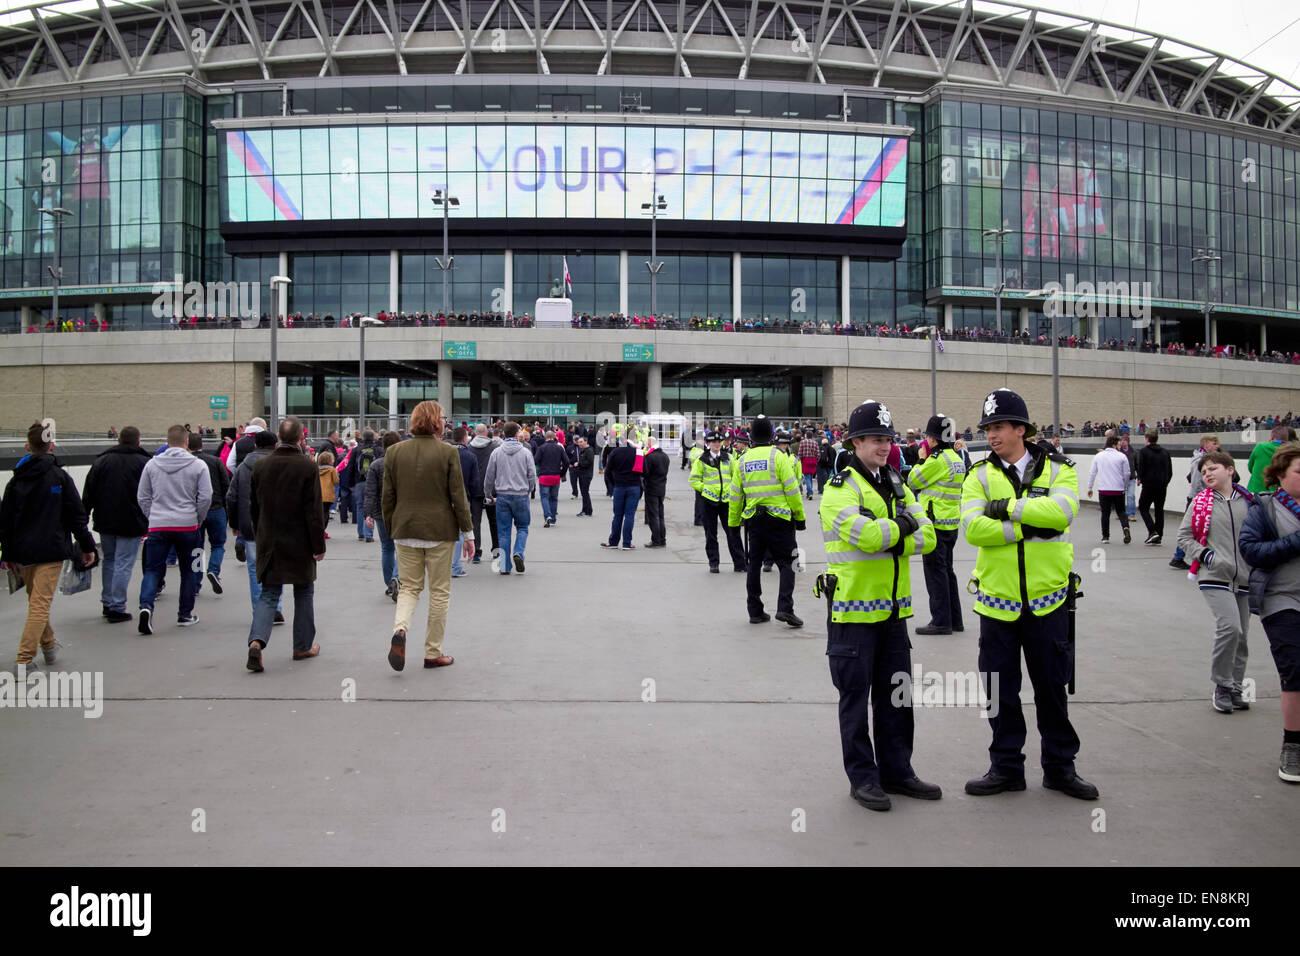 policing outside Wembley stadium on game day London UK - Stock Image